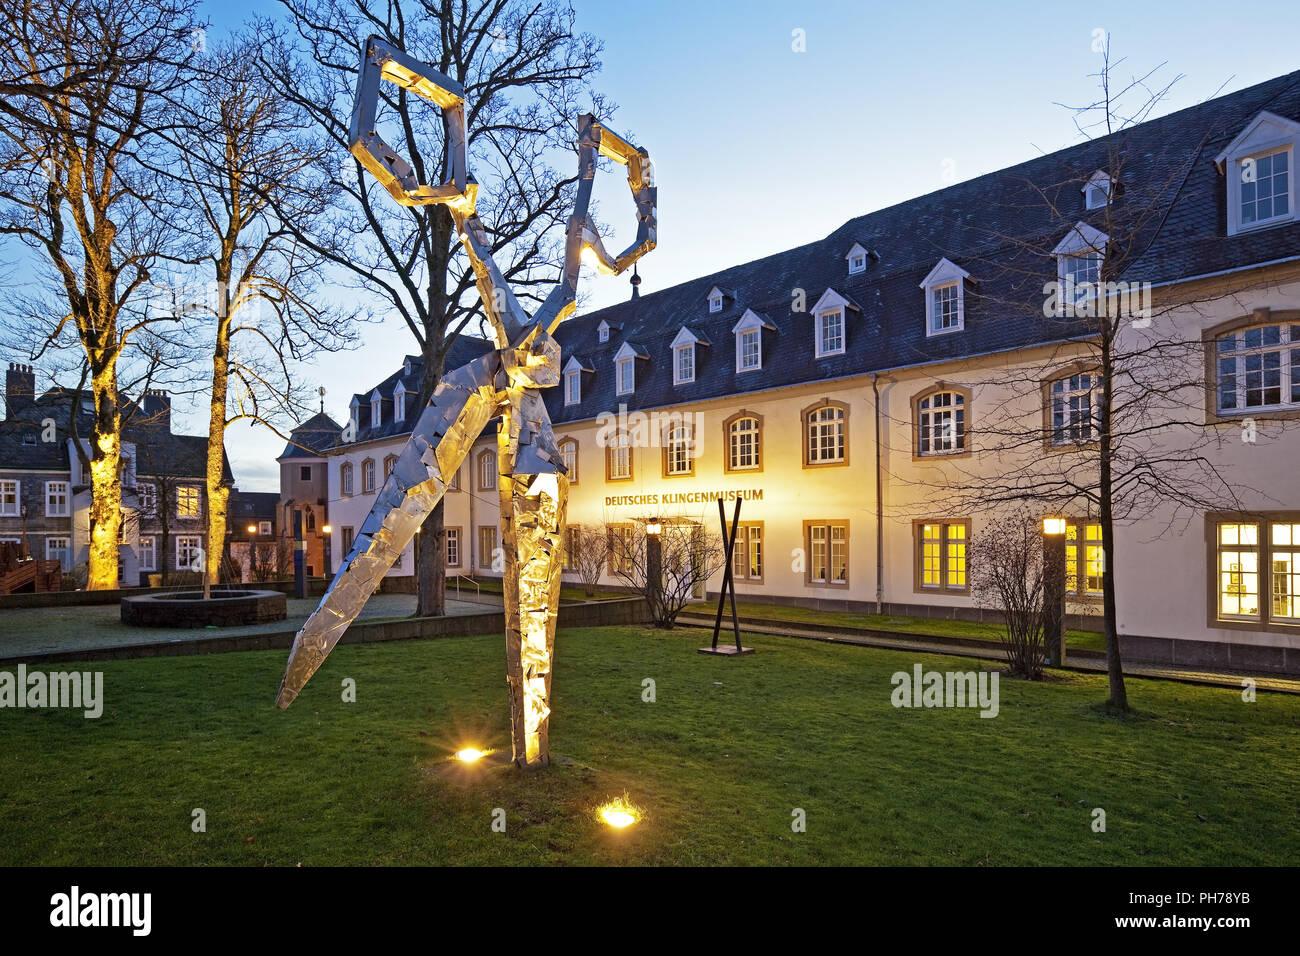 scissors sculpture in front of the German Blade Museum, Solingen, Germany - Stock Image